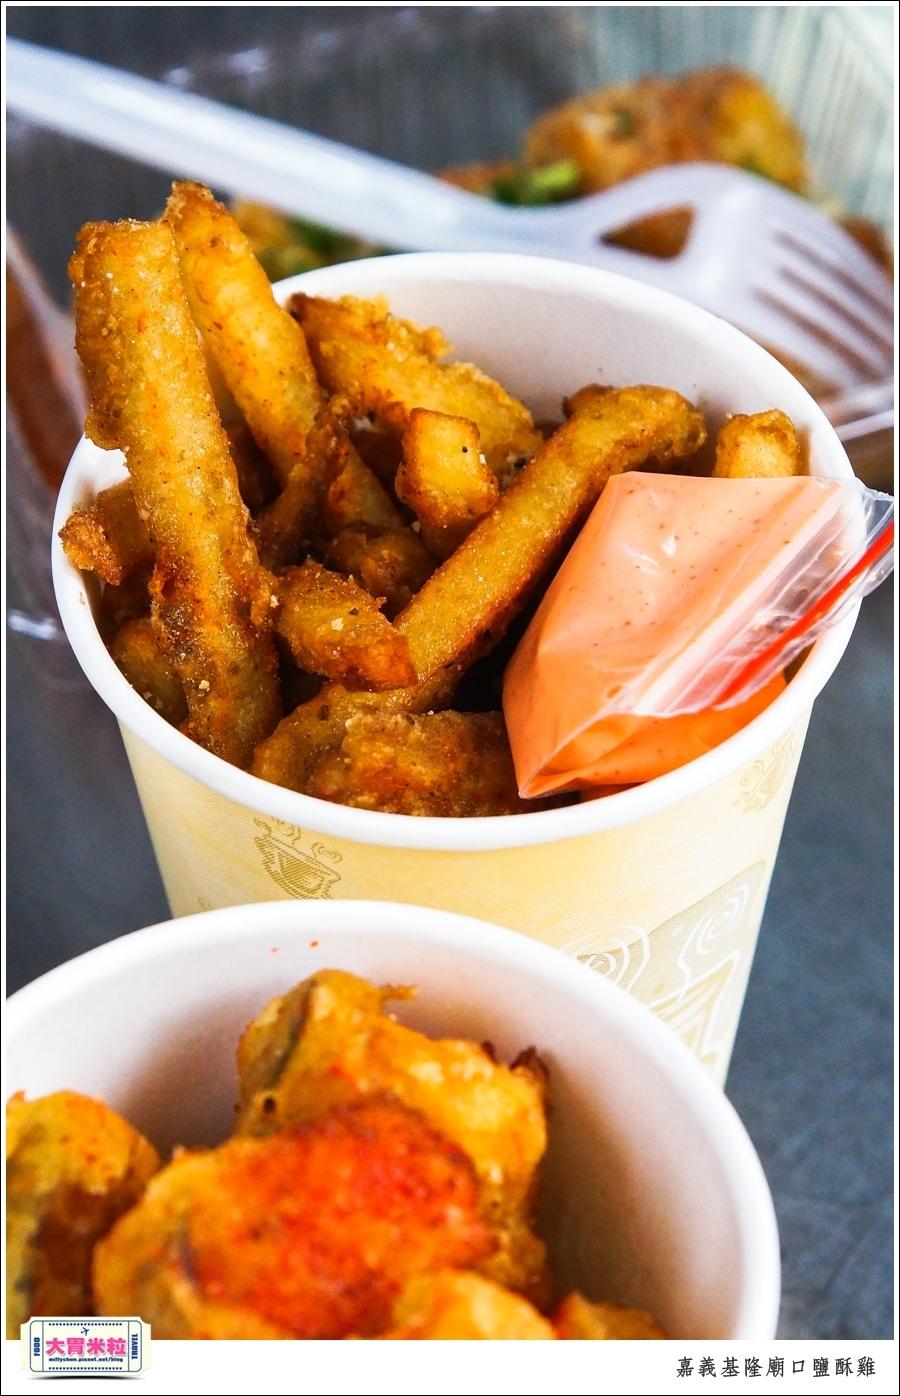 嘉義基隆廟口鹽酥雞推薦@嘉義市區必吃美食@大胃米粒00010043.jpg